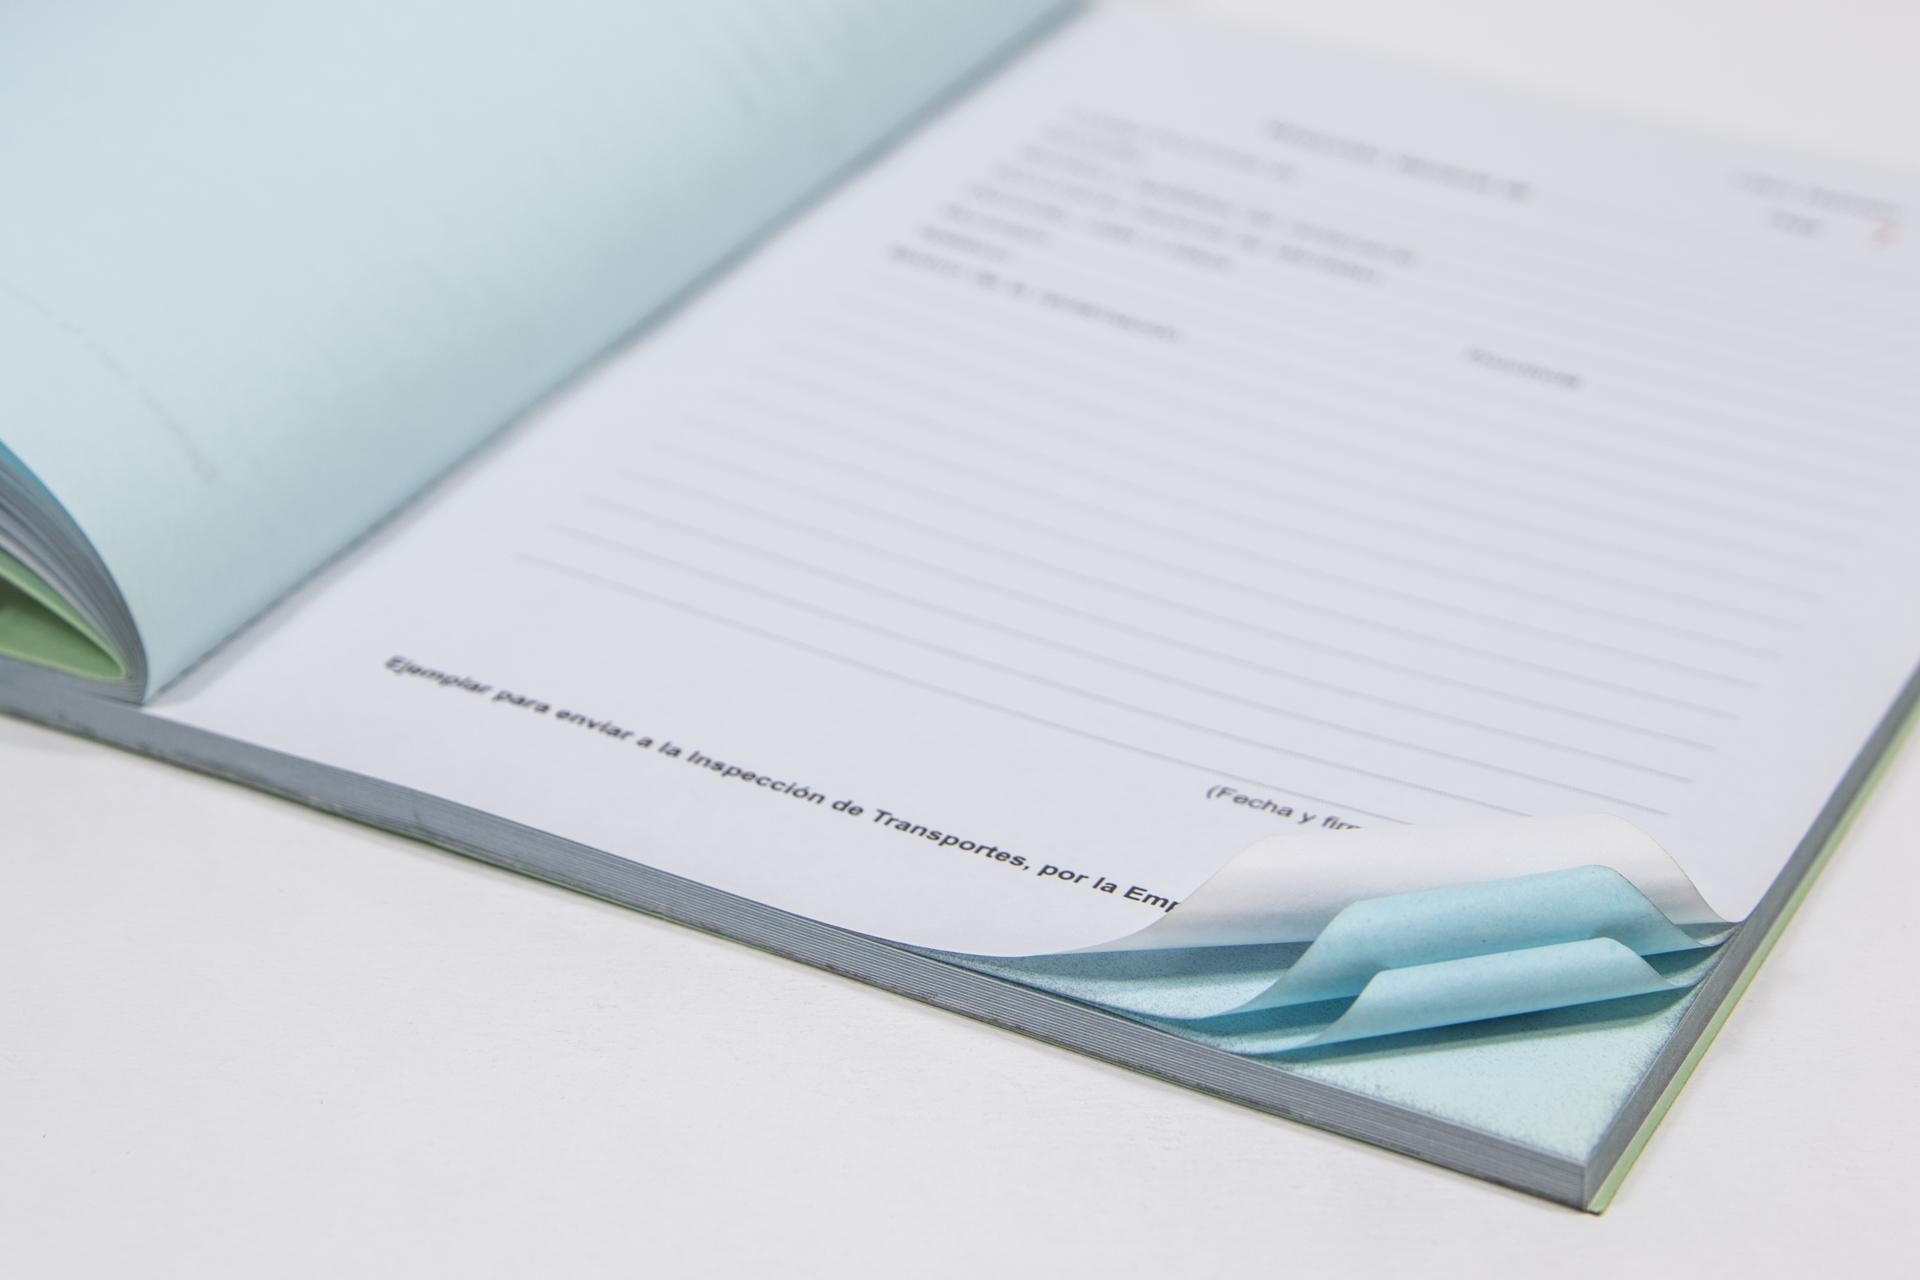 hojas encuadernadas de reclamaciones con copia